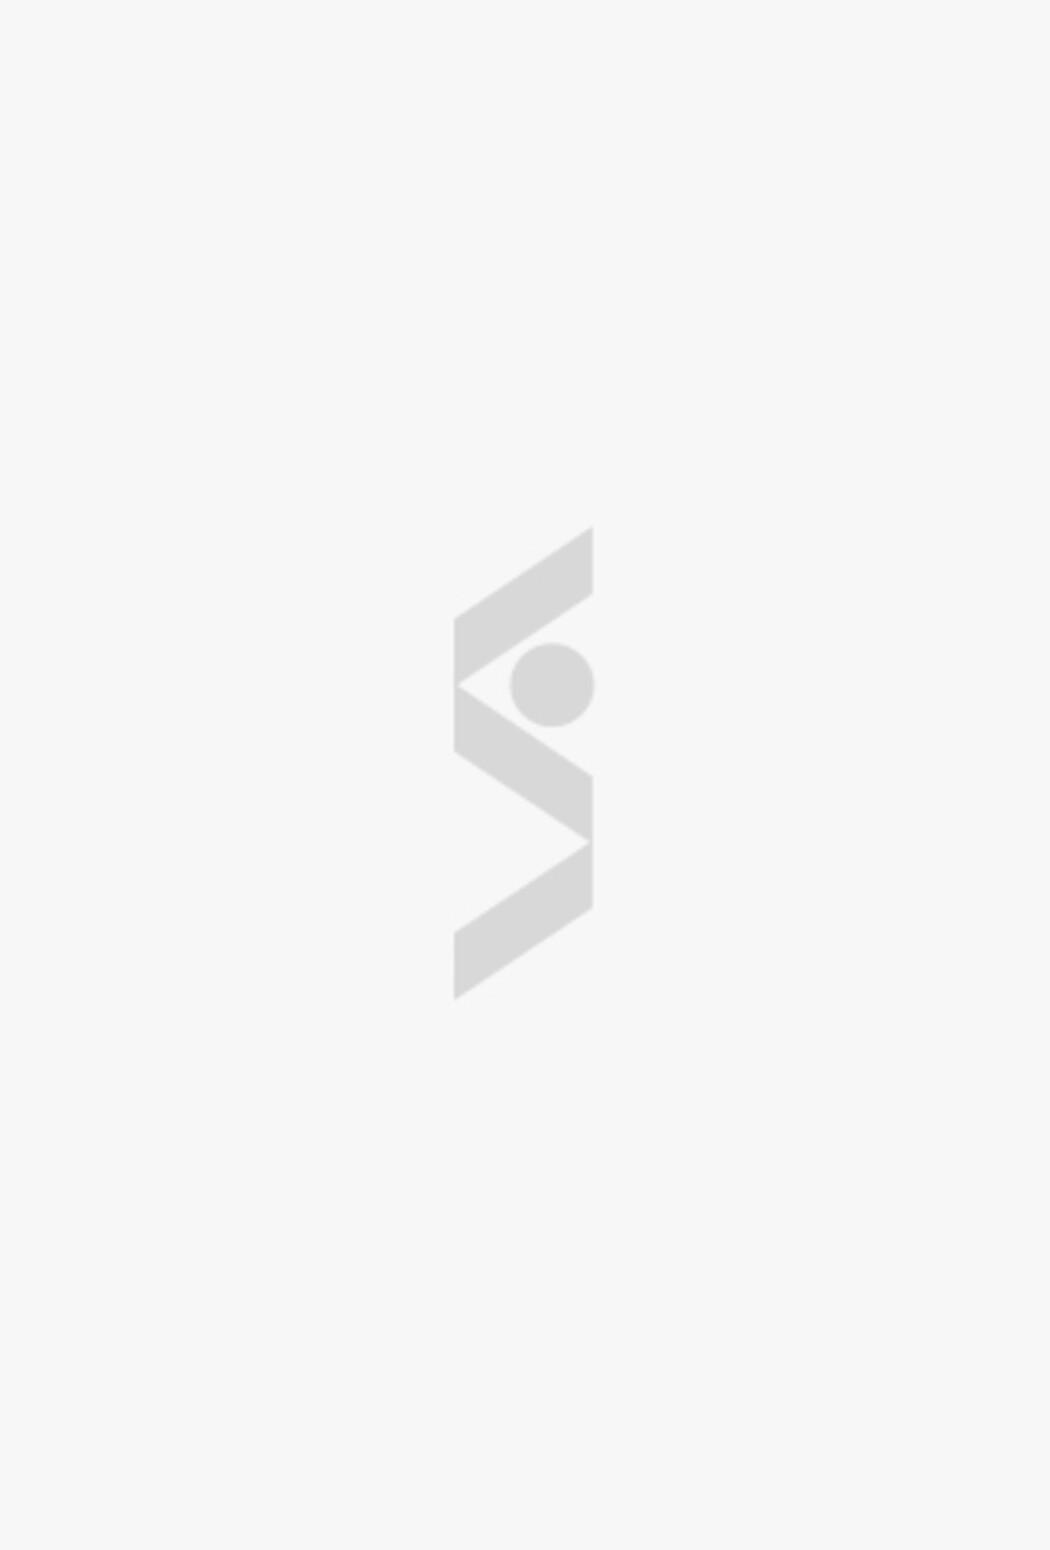 Колготки эластичные однотонные Trasparenzine - цена 190 ₽ купить в интернет-магазине СТОКМАНН в Москве BAFC85AF-910D-4DEB-A33F-6FEB126D97E3